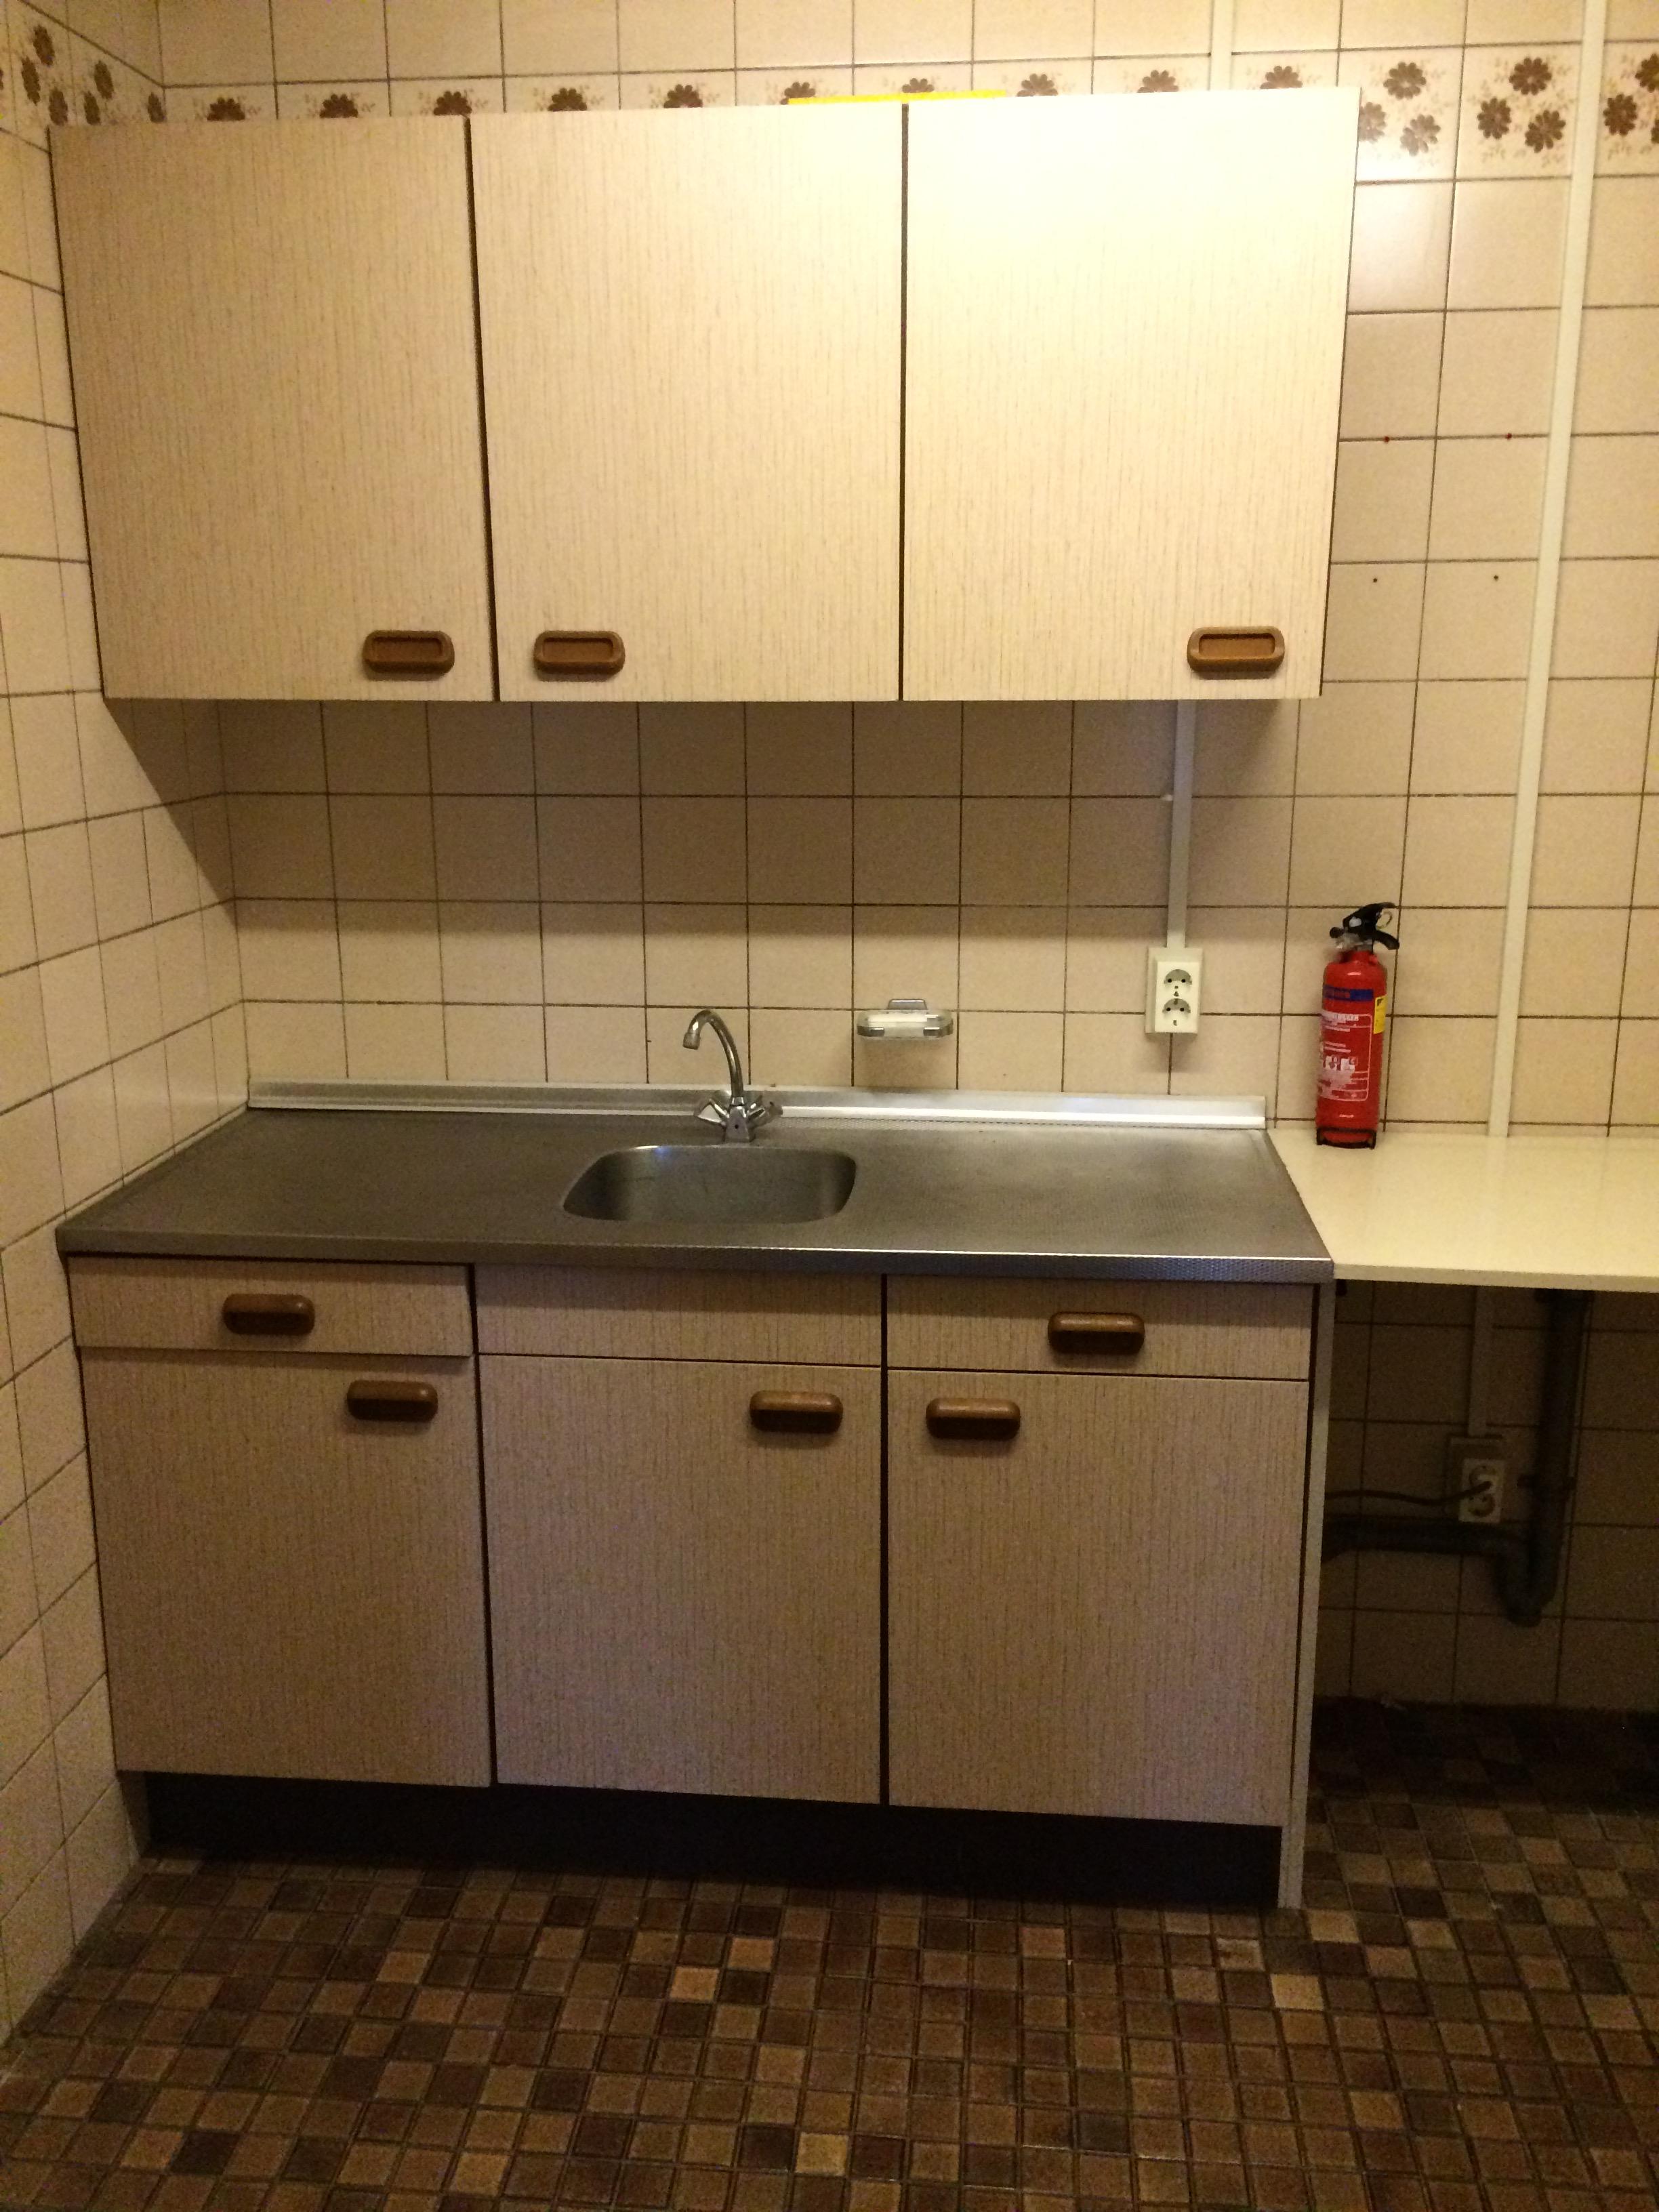 Te huur 2043 appartement in het centrum van enschede twents vast enschede - Center meubilair keuken ...